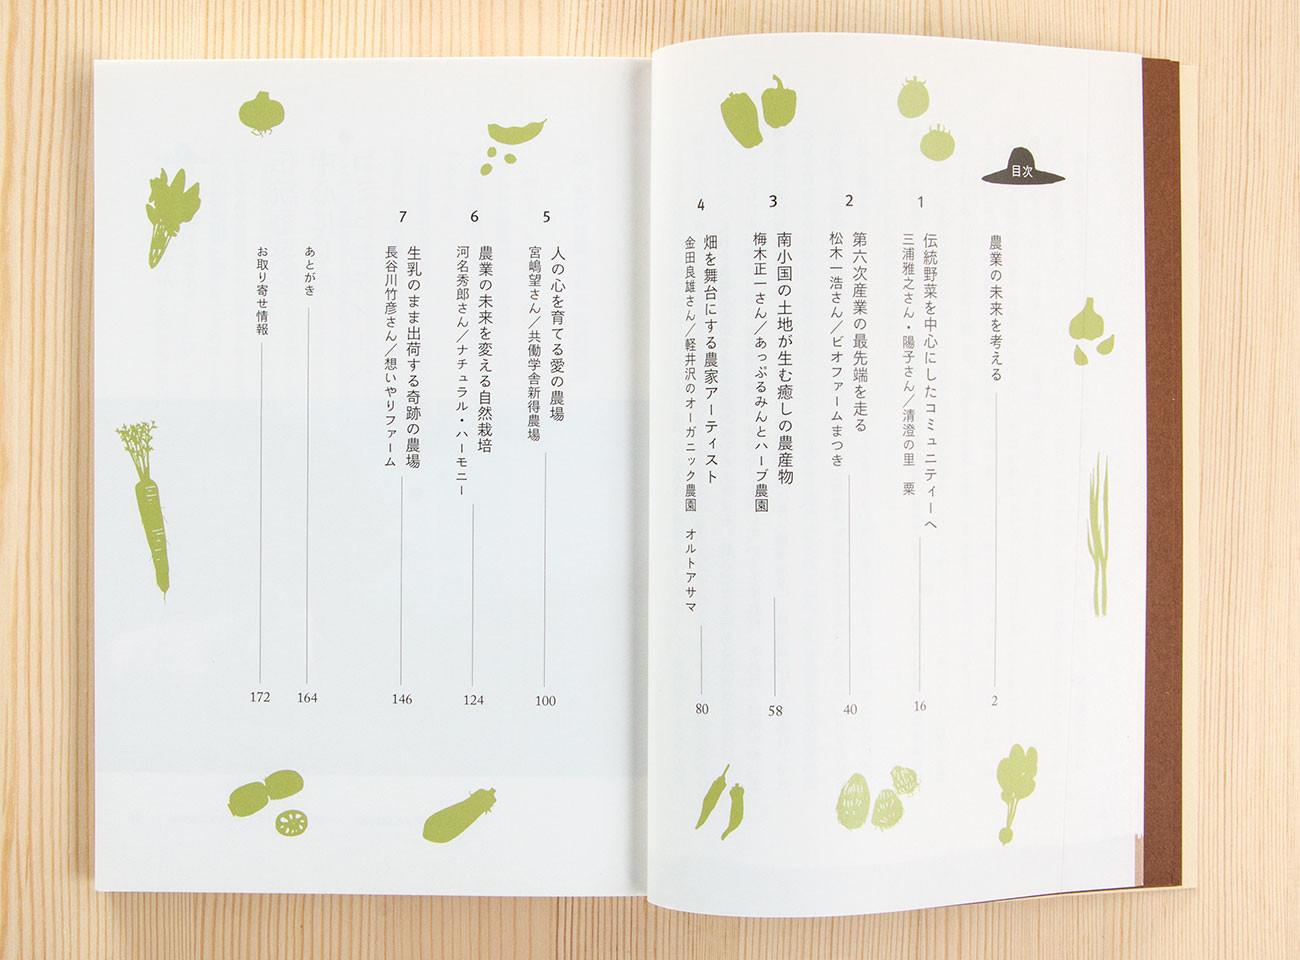 2012_MirainoShokutaku_IMG_1726.jpg